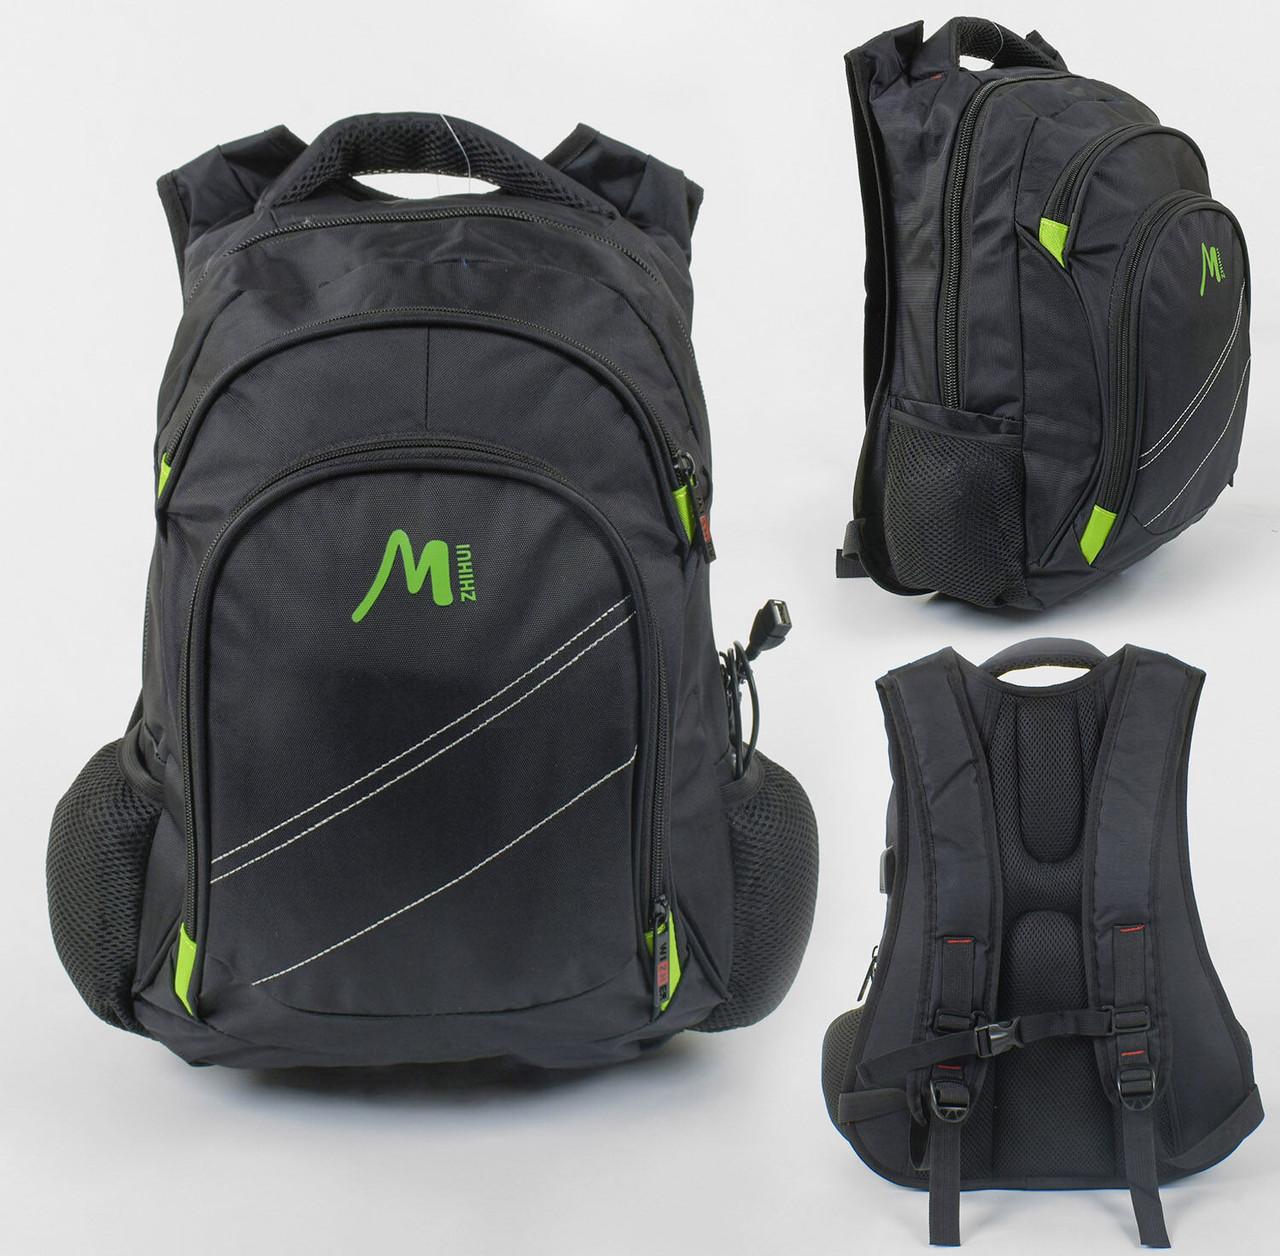 Дитячій Рюкзак 1 відділення, 2 кишені, дихаюча спинка, usb кабель, в пакеті.